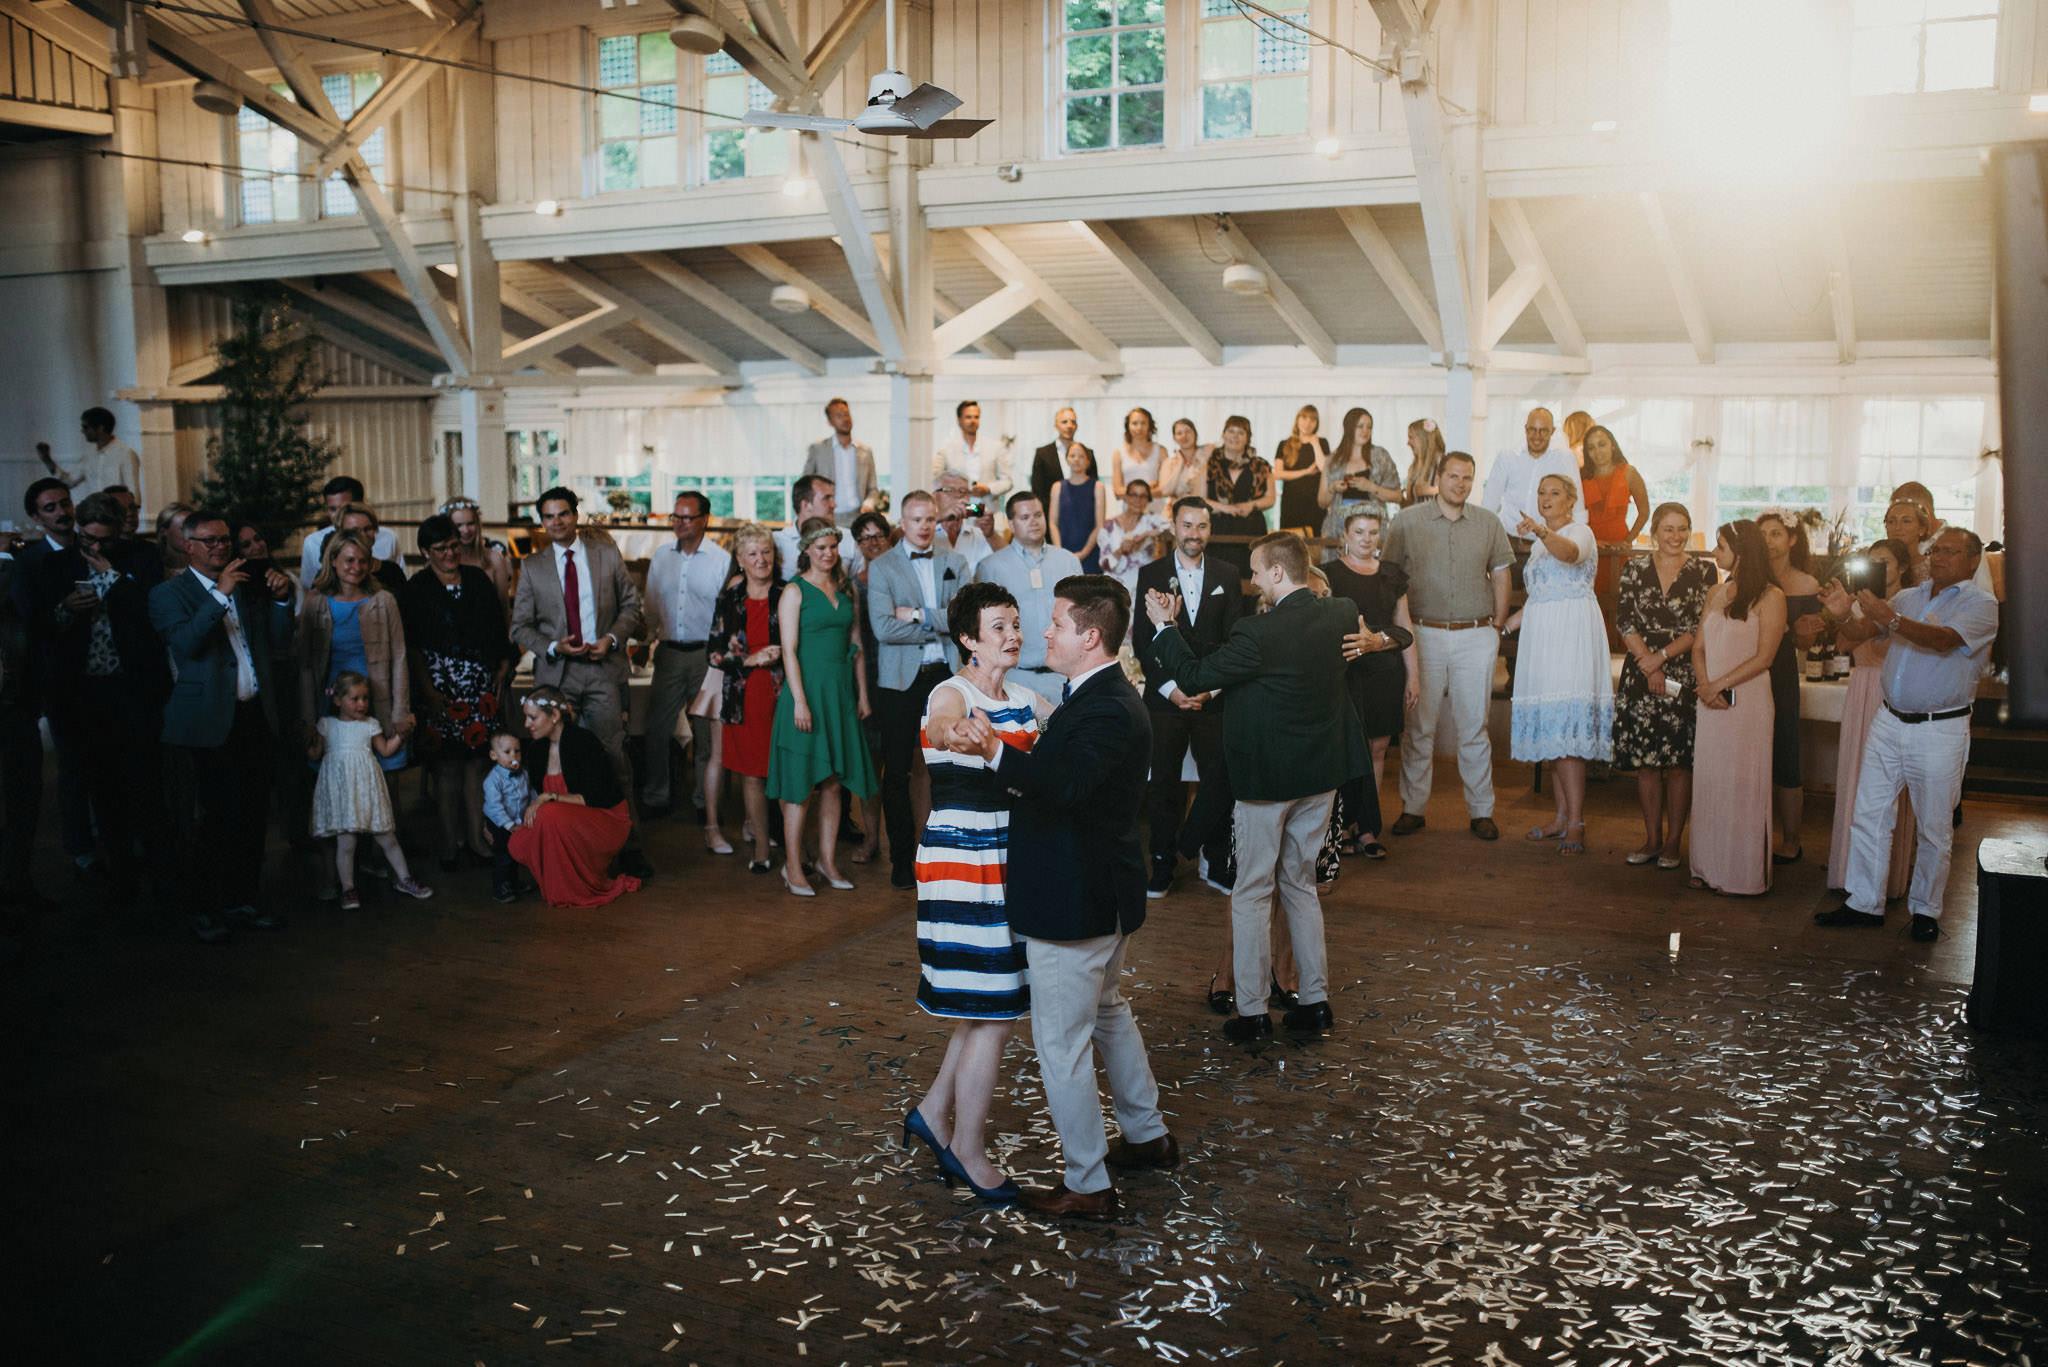 jere-satamo-ruissalo-haat-samesex-wedding-valokuvaaja-turku-084web.jpg